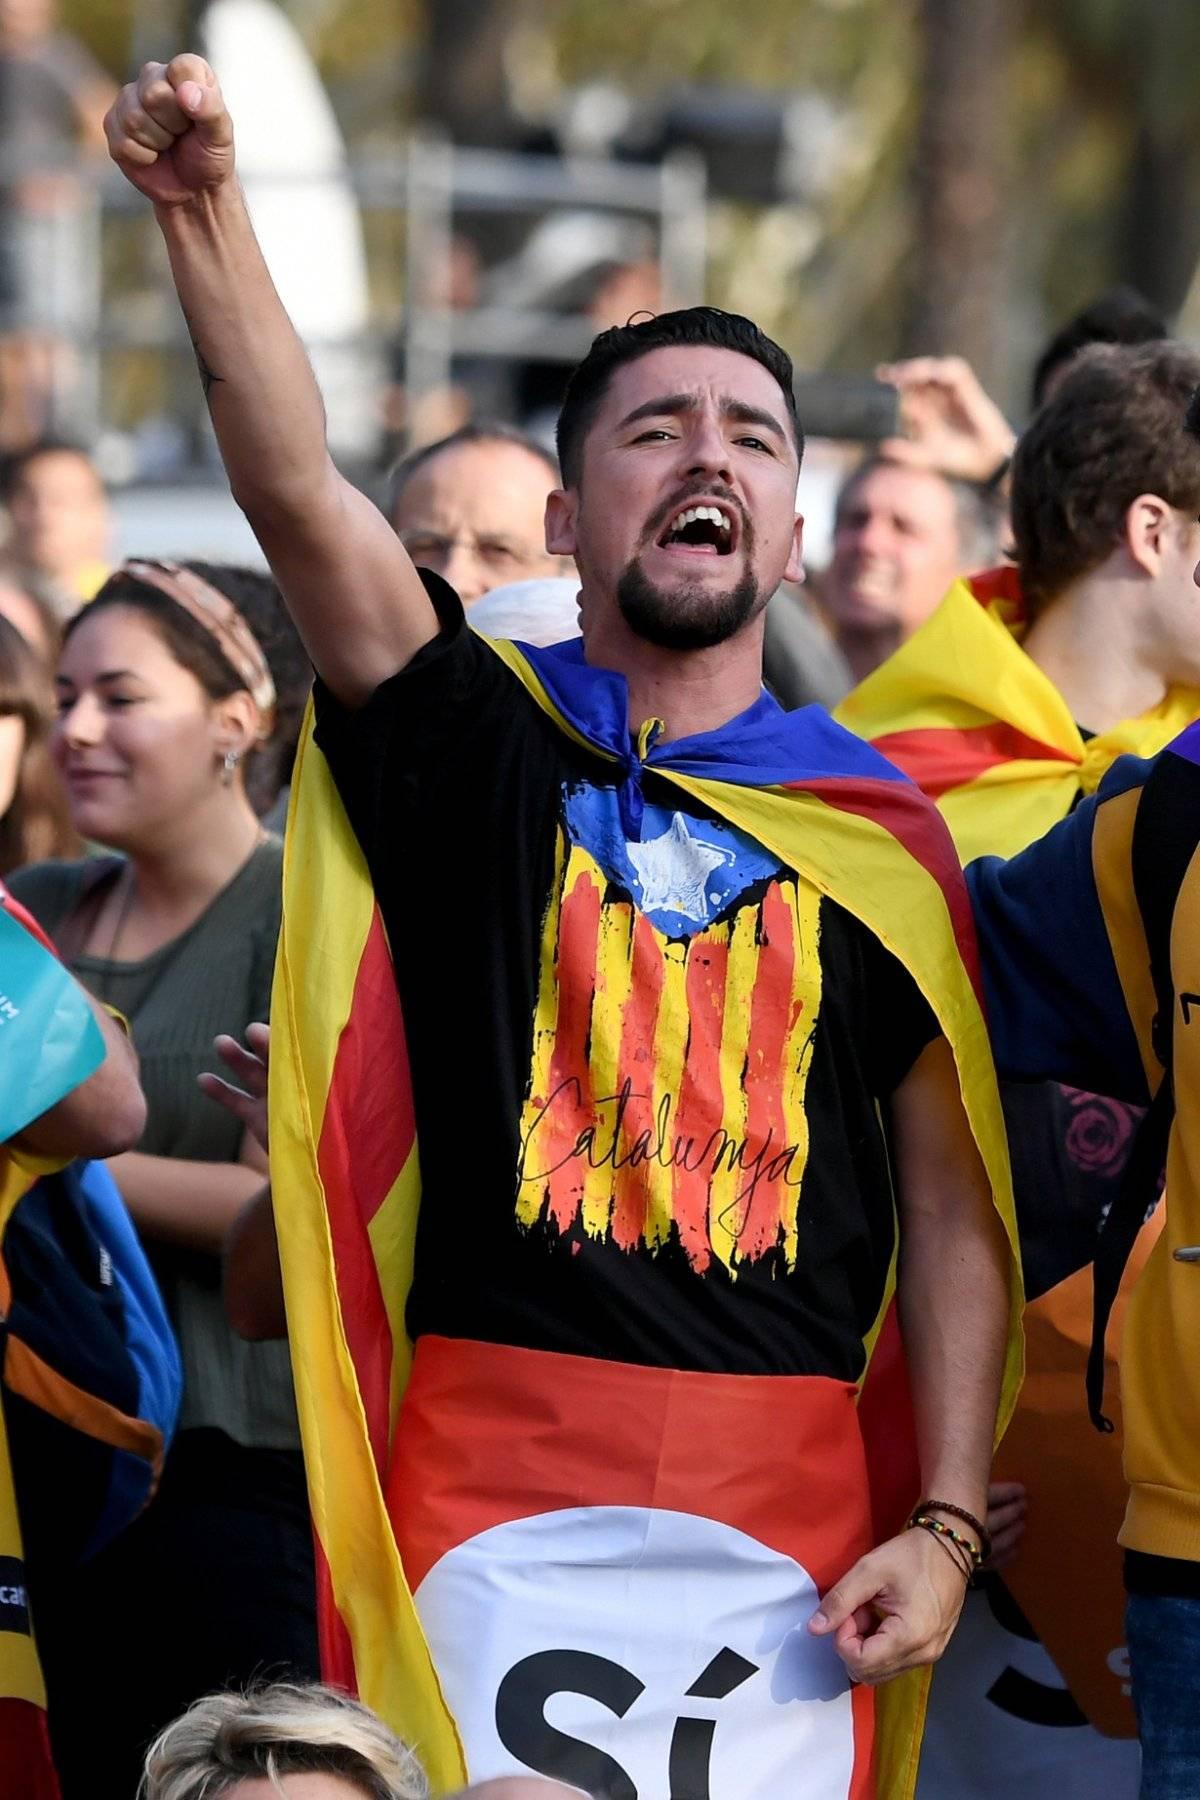 El movimiento separatista en Cataluña. |getty